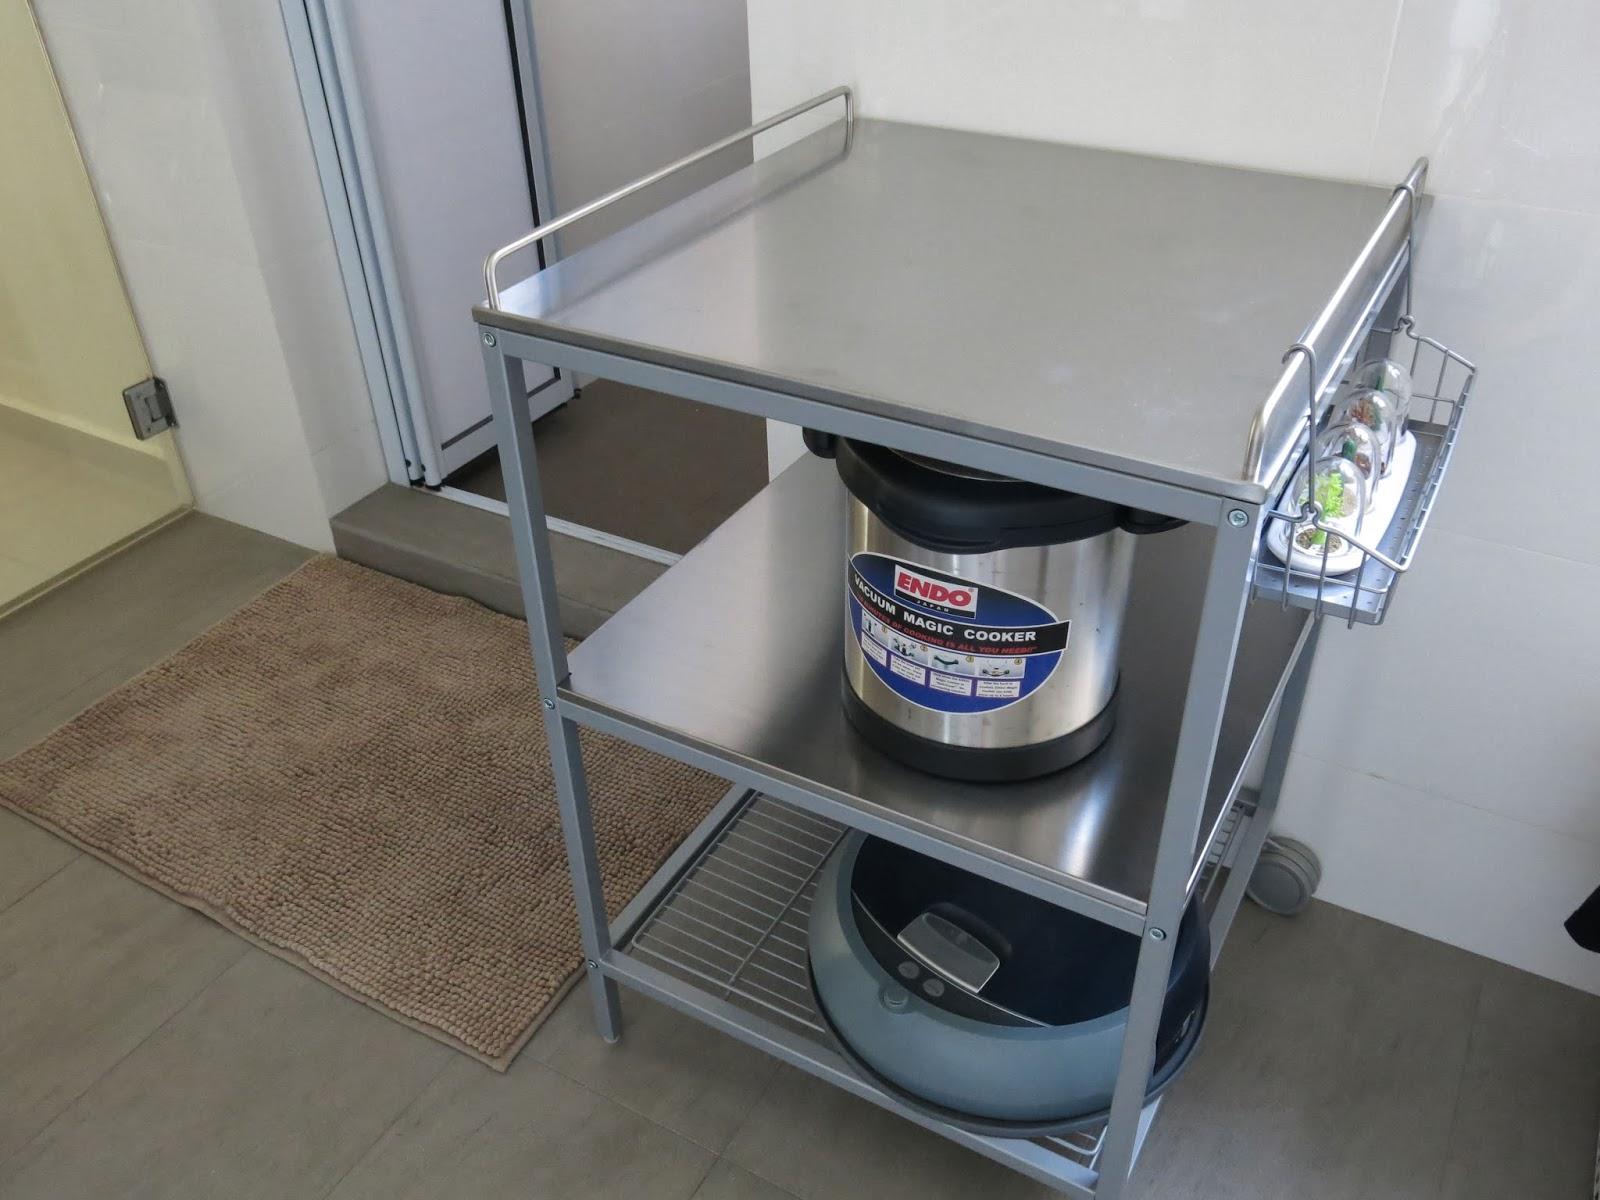 udden kitchen trolley. Black Bedroom Furniture Sets. Home Design Ideas